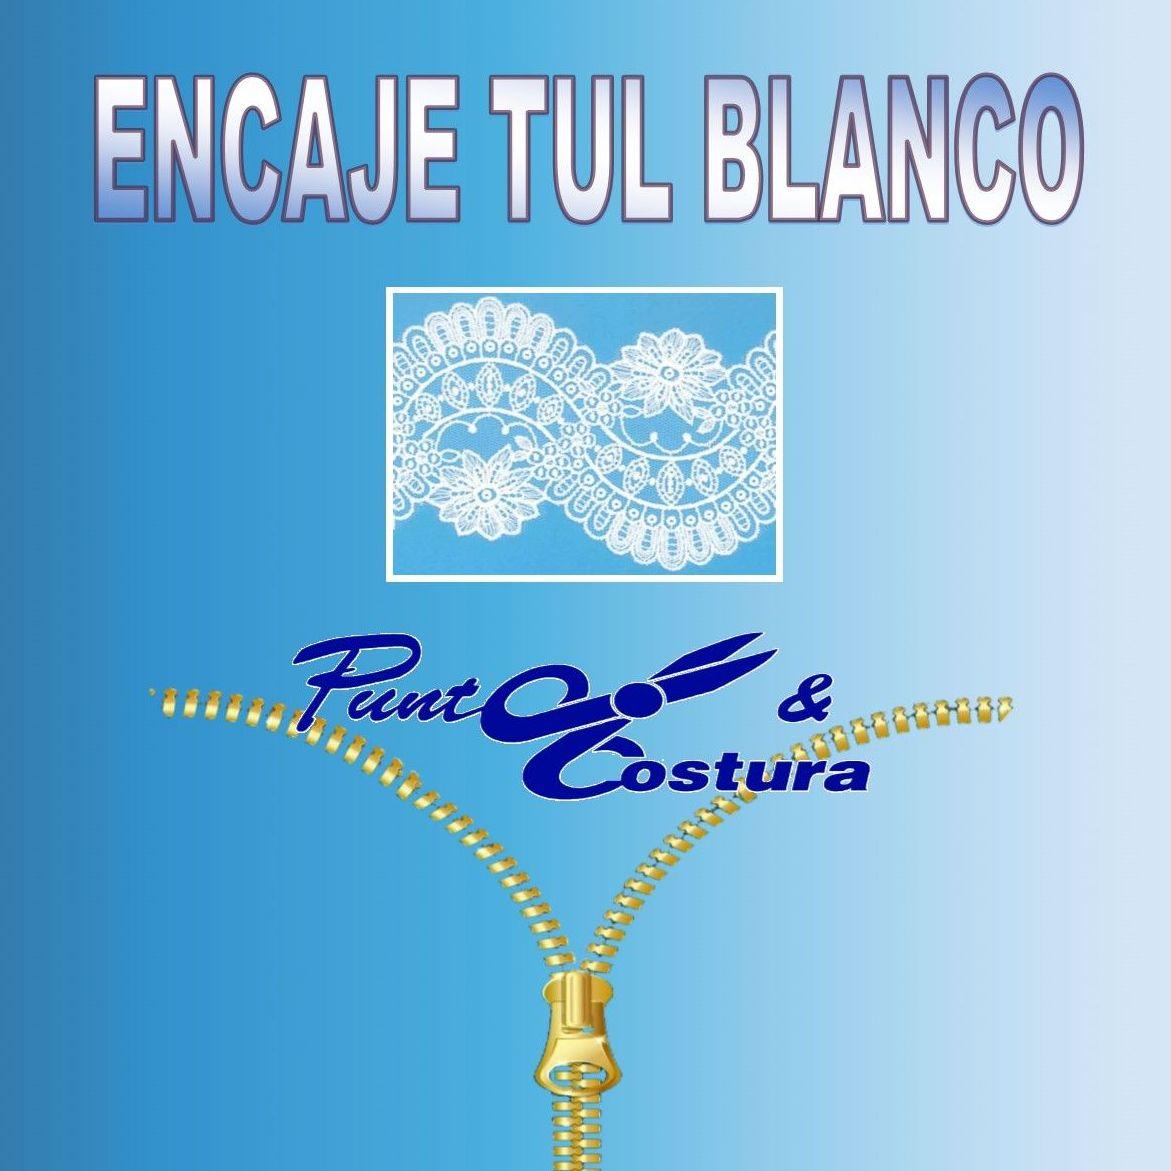 Encaje Tul Blanco